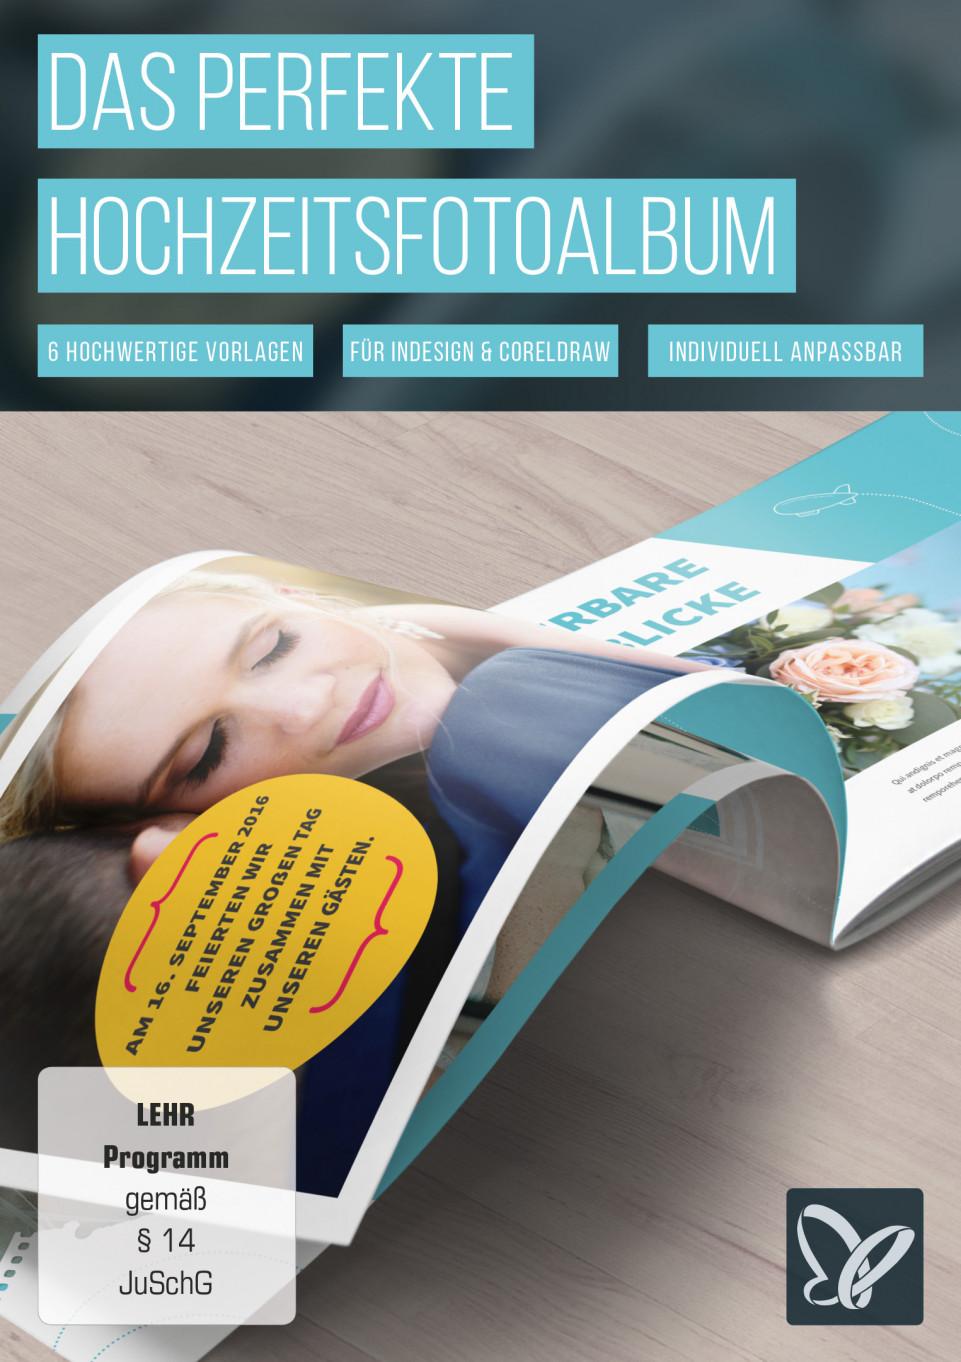 Hochzeitsfotoalbum: Vorlagen für den perfekten Tag